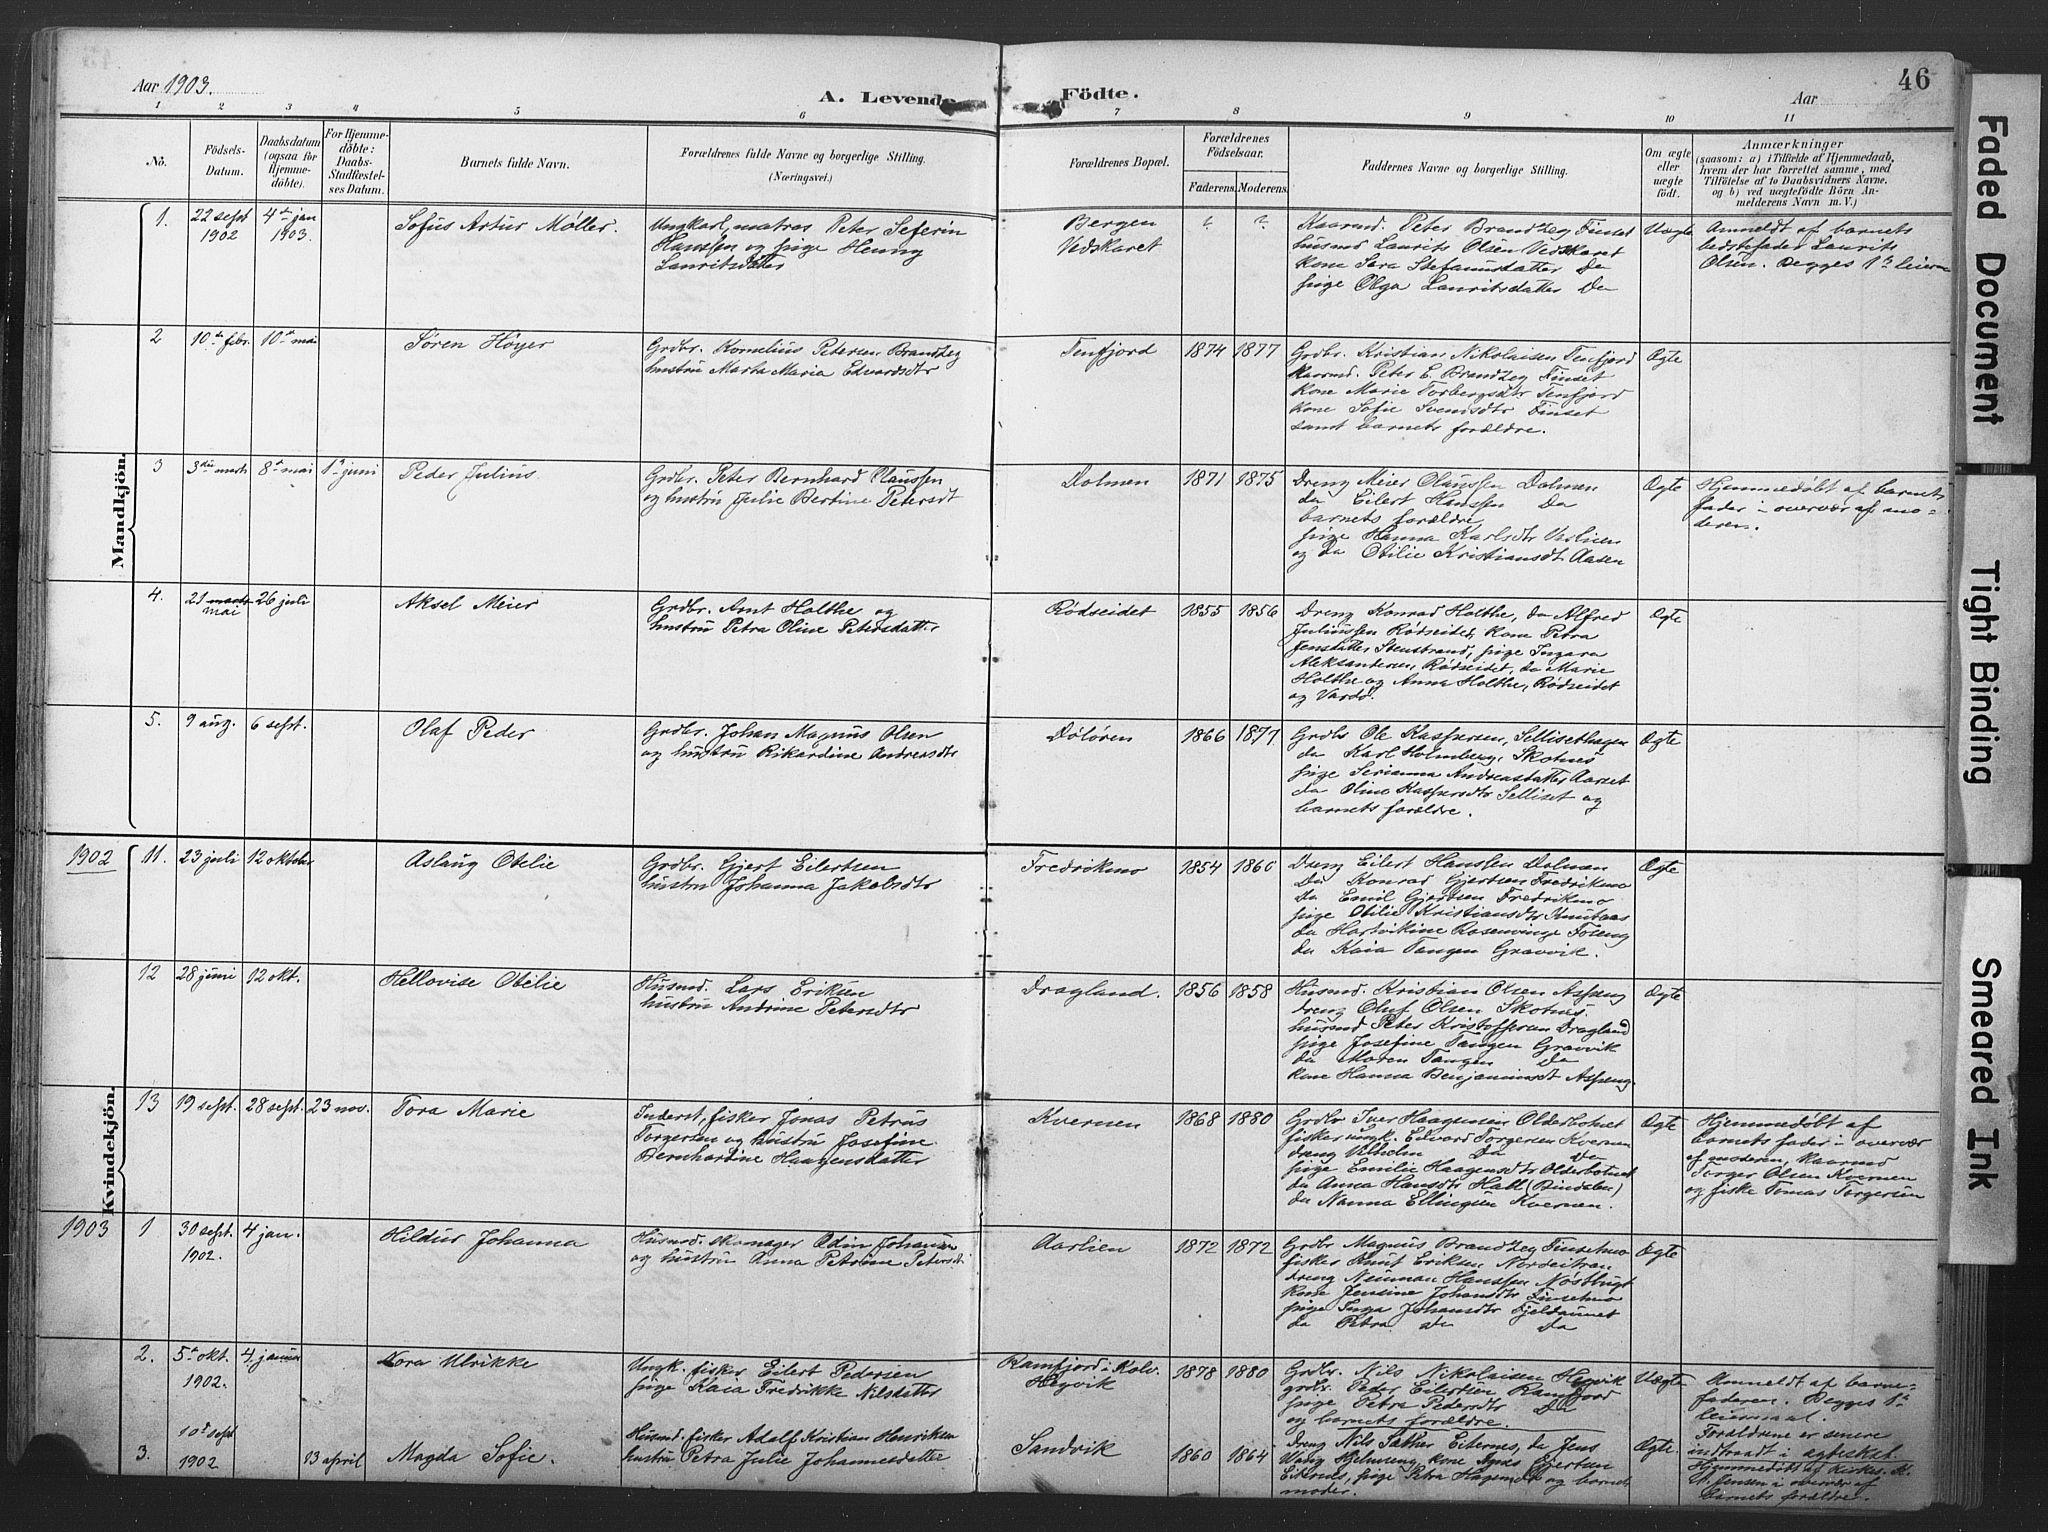 SAT, Ministerialprotokoller, klokkerbøker og fødselsregistre - Nord-Trøndelag, 789/L0706: Klokkerbok nr. 789C01, 1888-1931, s. 46